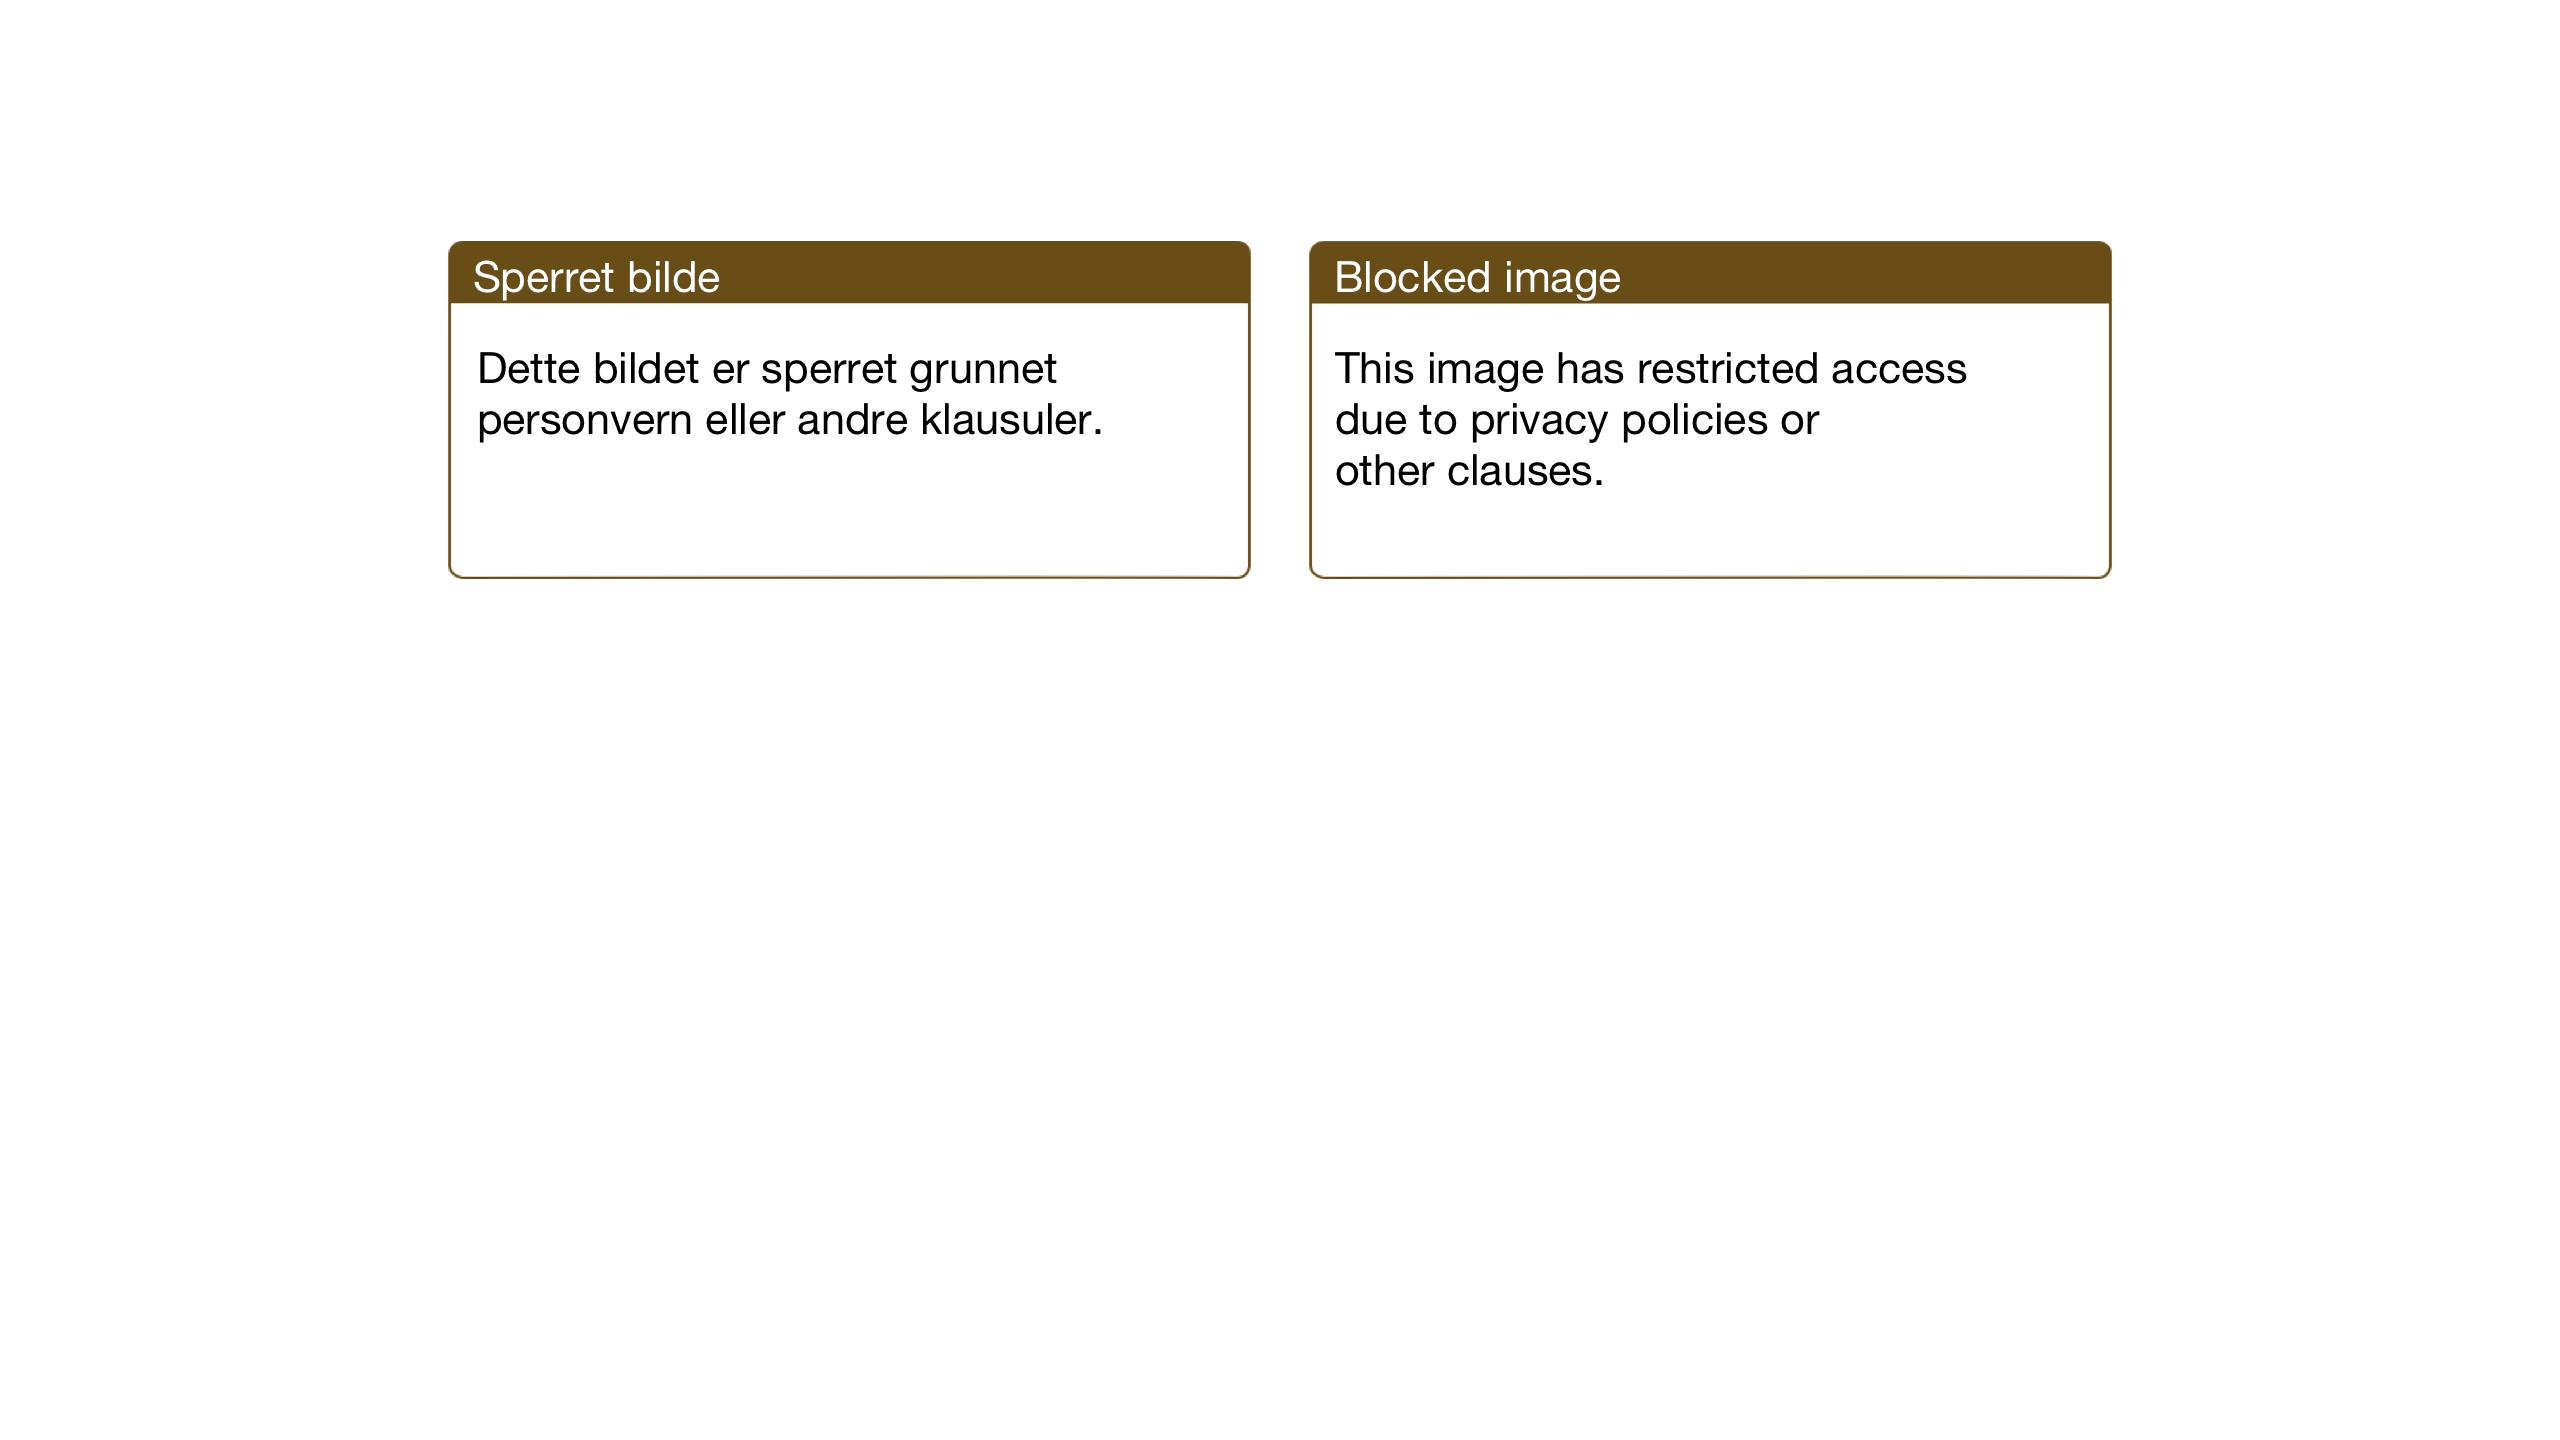 SAT, Ministerialprotokoller, klokkerbøker og fødselsregistre - Sør-Trøndelag, 616/L0424: Klokkerbok nr. 616C07, 1904-1940, s. 47